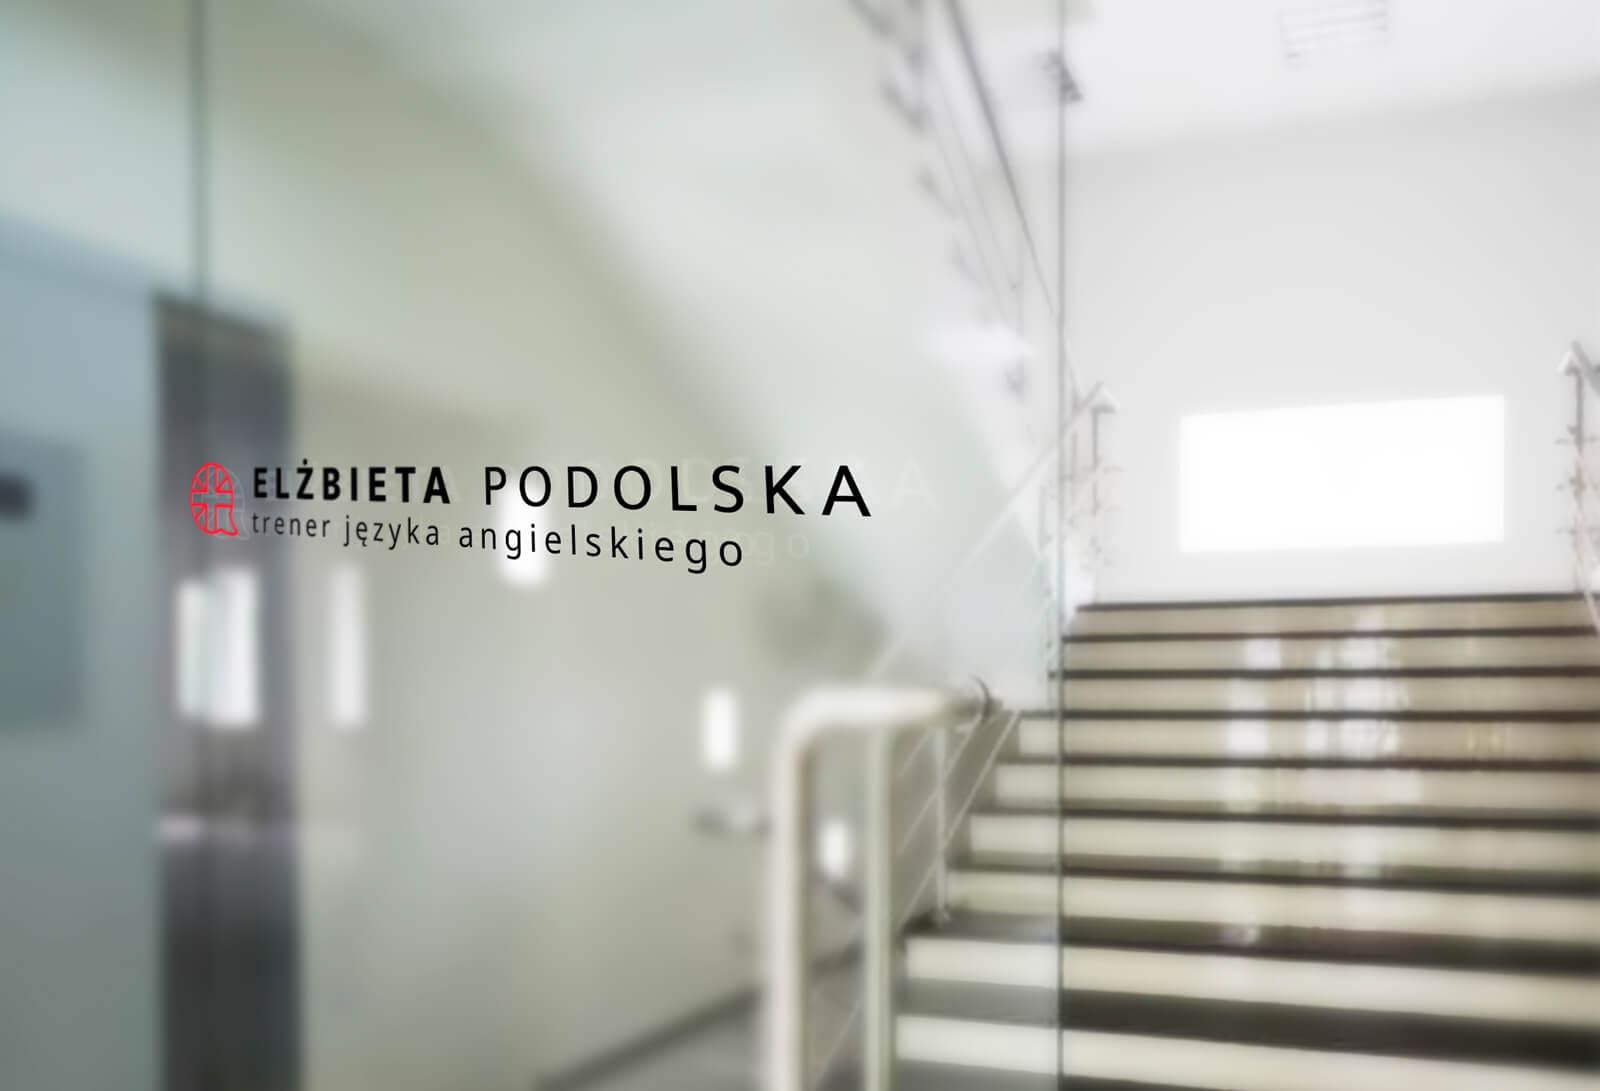 Elżbieta Podolska - wizualizacja nowego logo na szybie